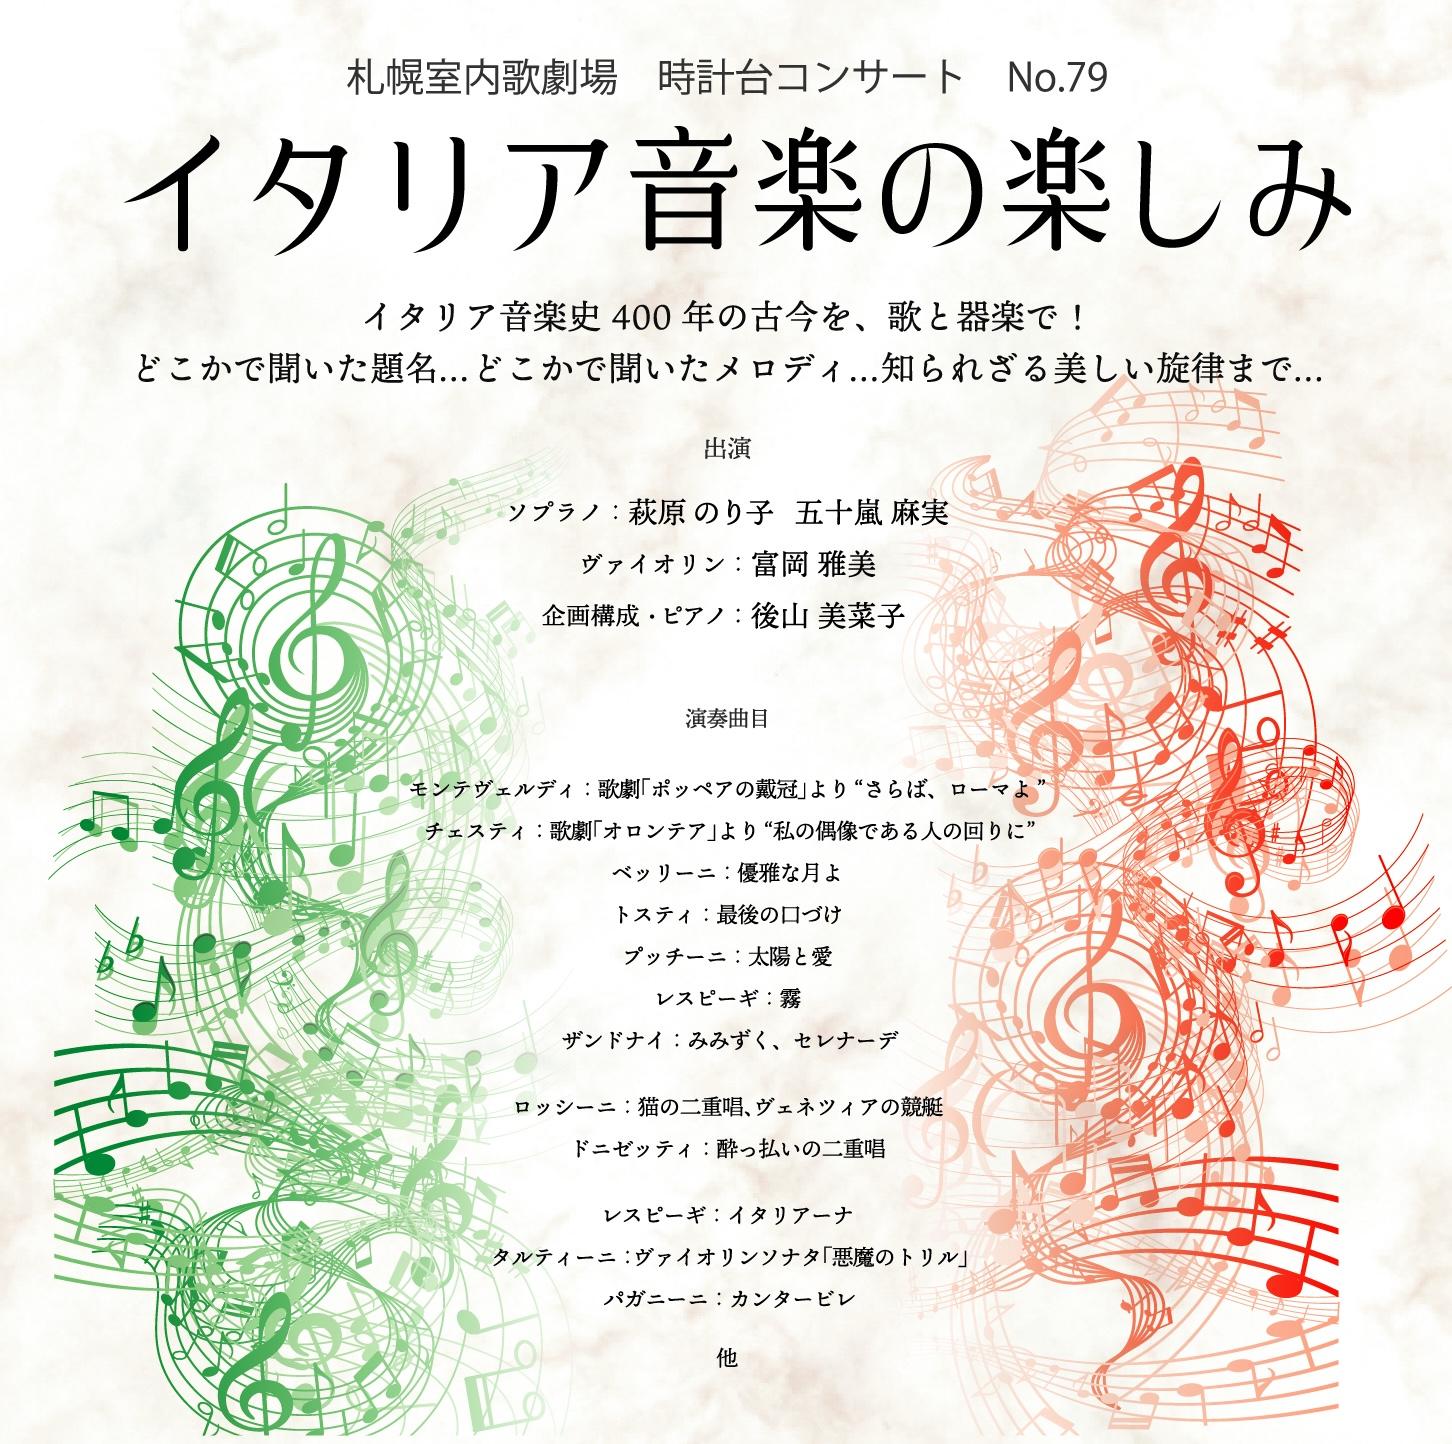 時計台コンサートNo.79「イタリア音楽の楽しみ」